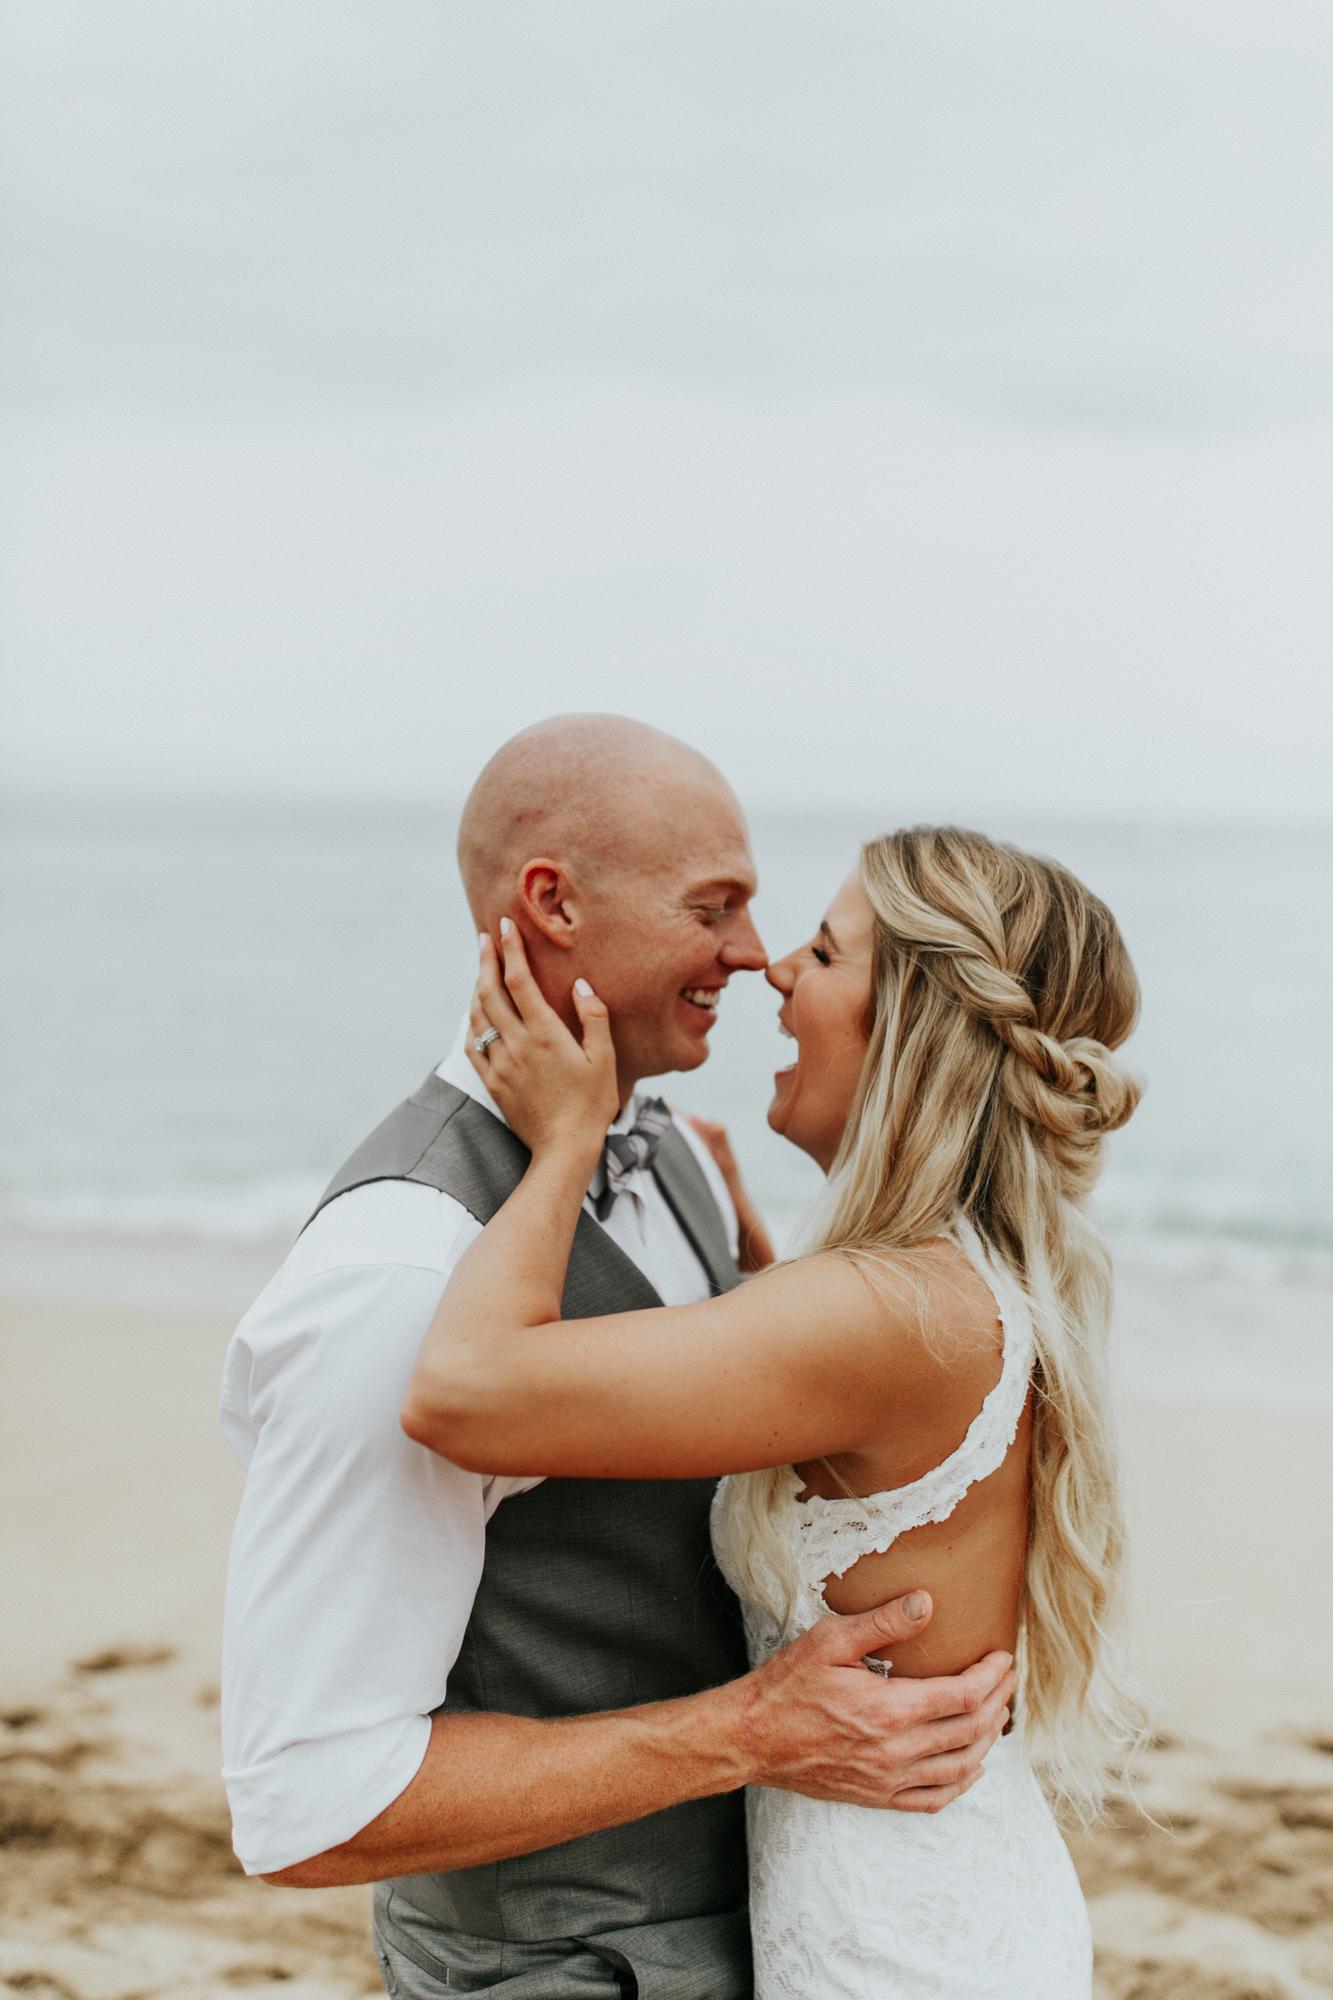 destination-wedding-photographer-hawaii-maui-elopement-52.jpg